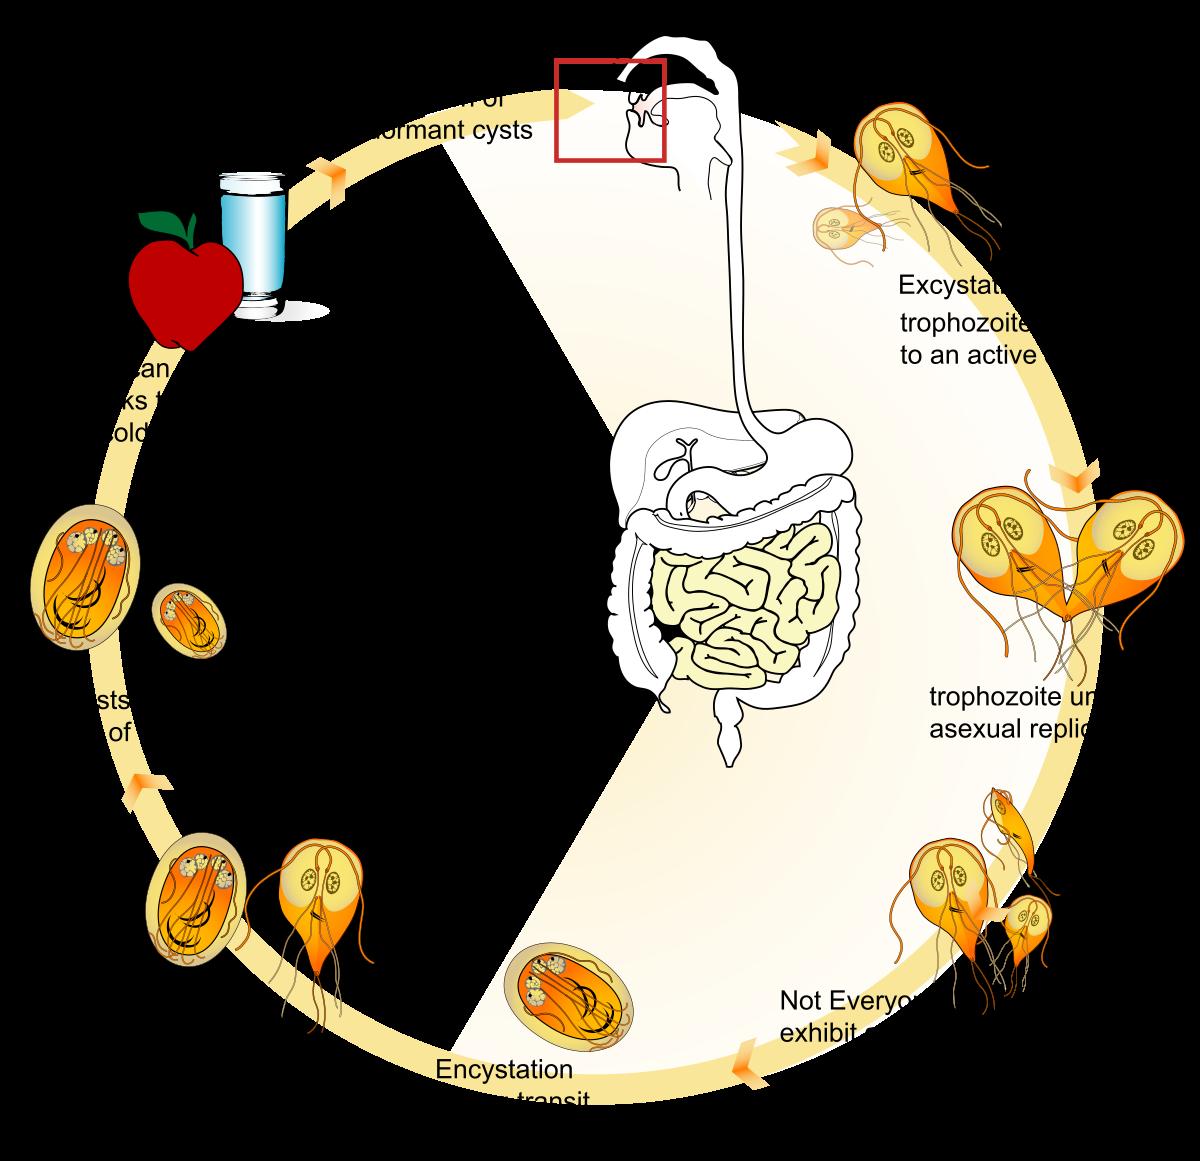 Ornidazol felülvizsgálat a giardiasisról. A diphyllobothriasis fejlődési ciklusa